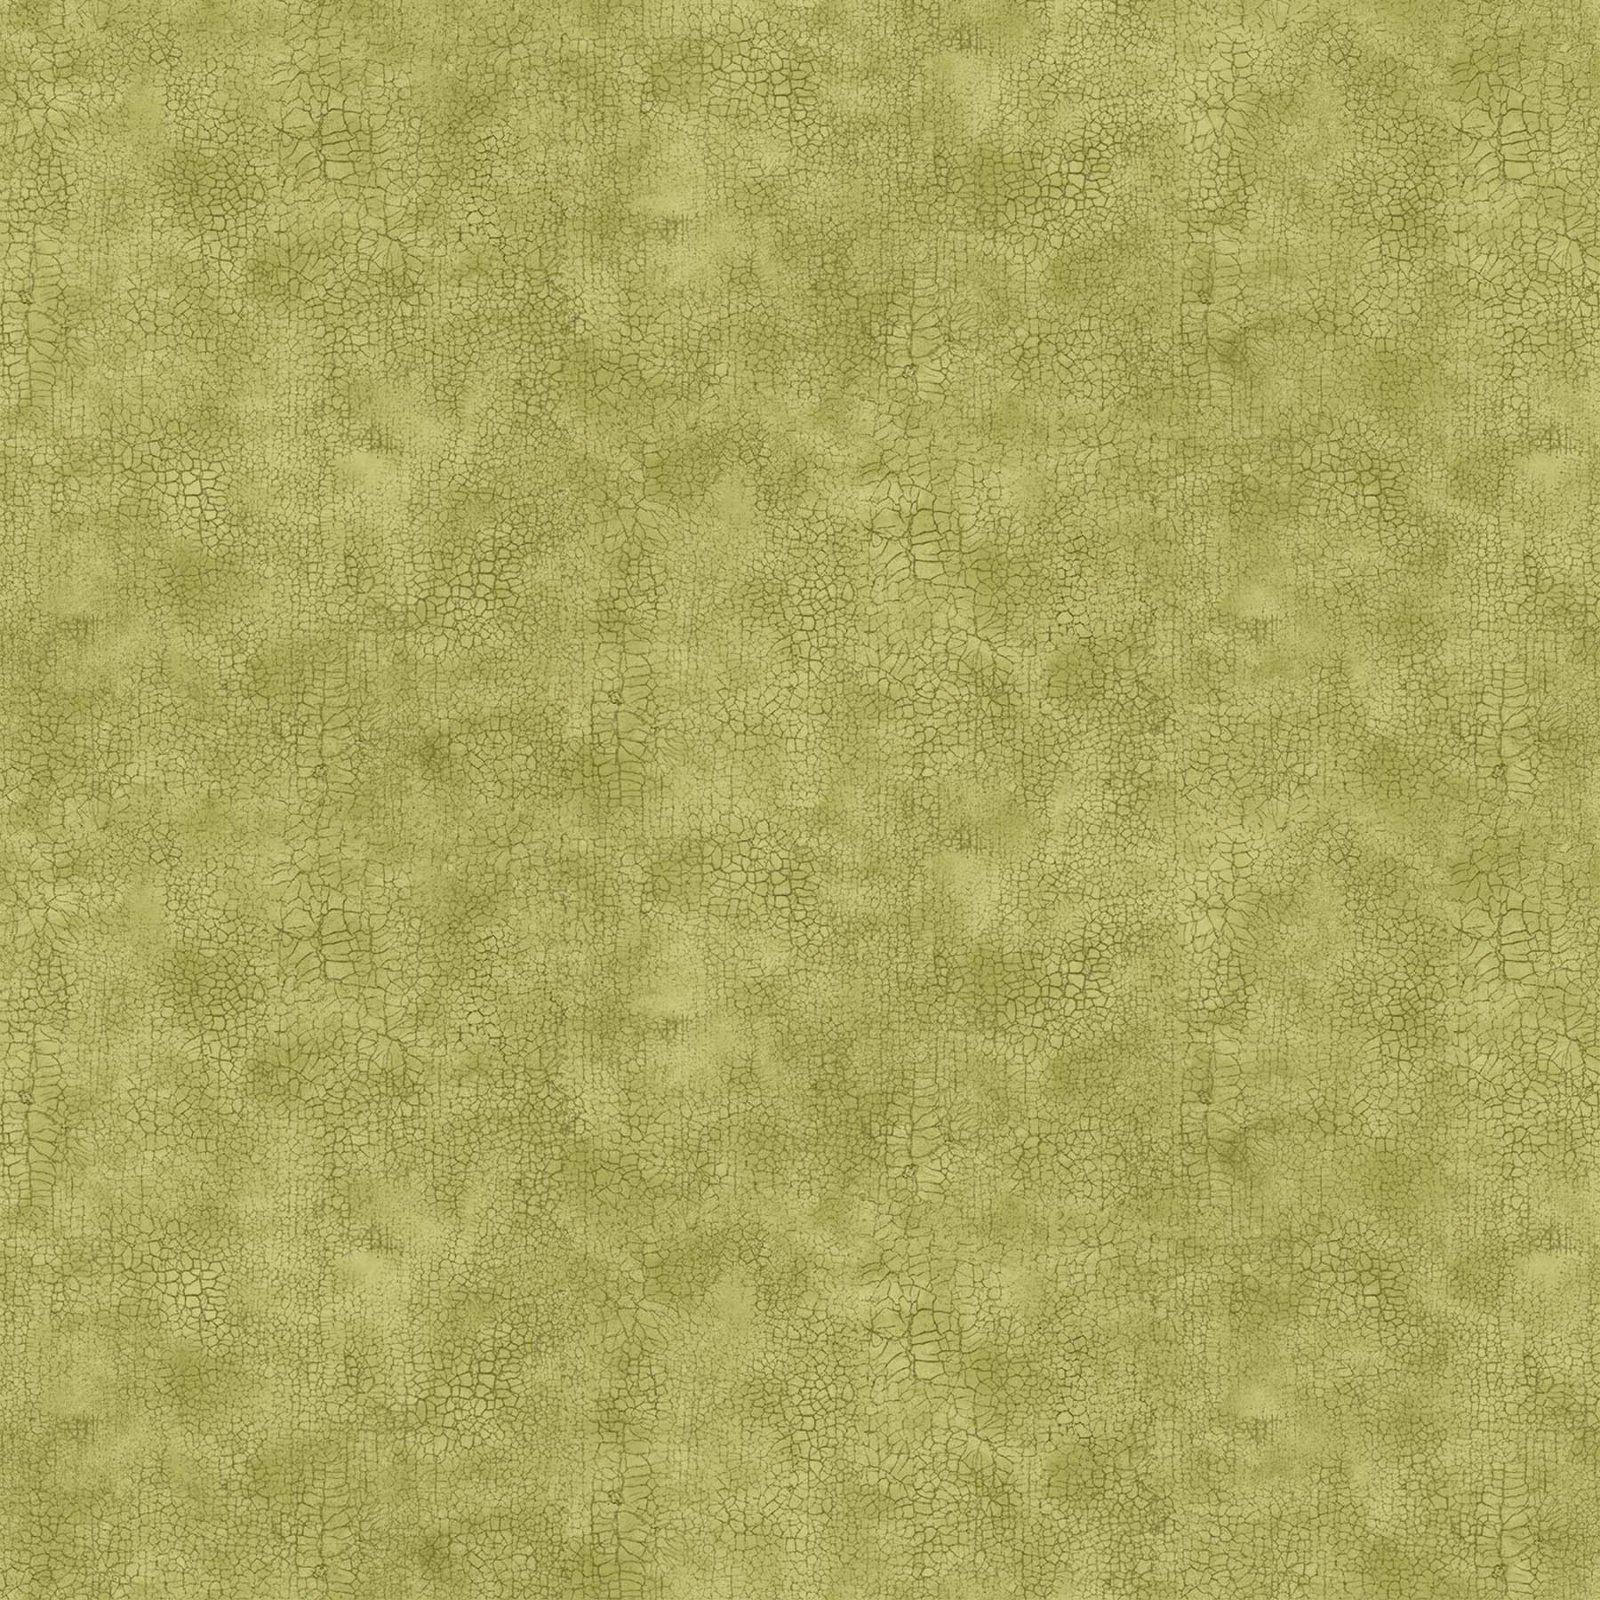 Northcott CRACKLE 9045-73 MOSS Textured Tonal